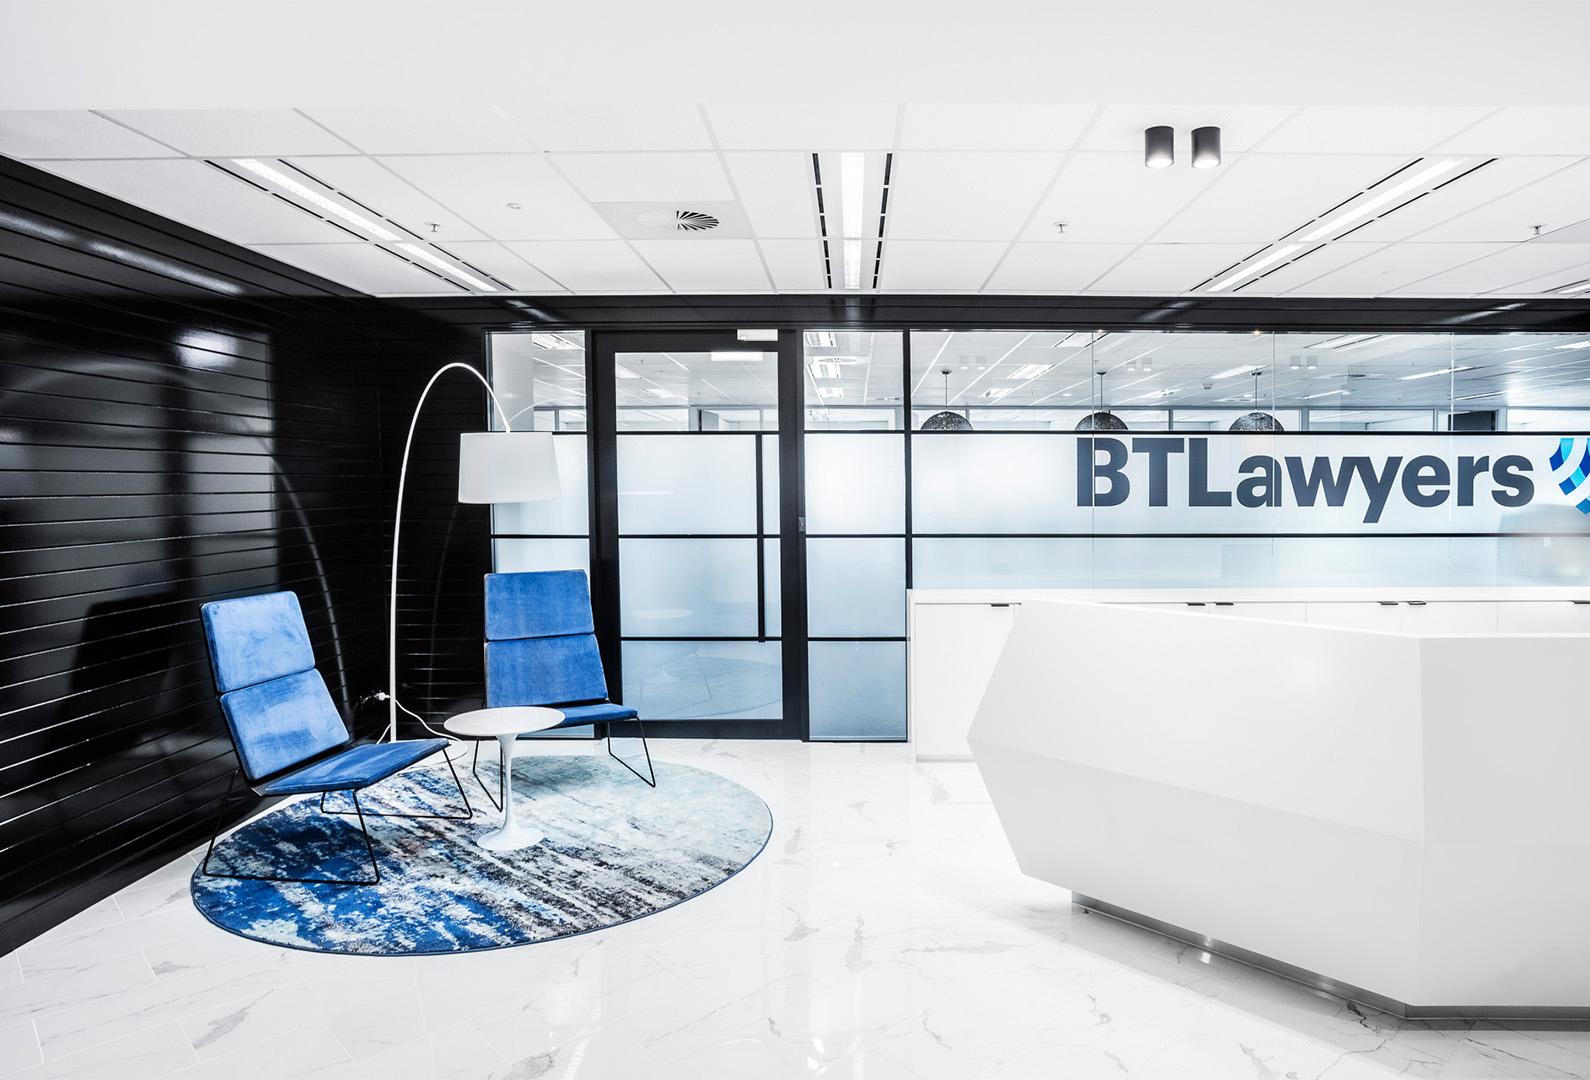 BT Lawyers